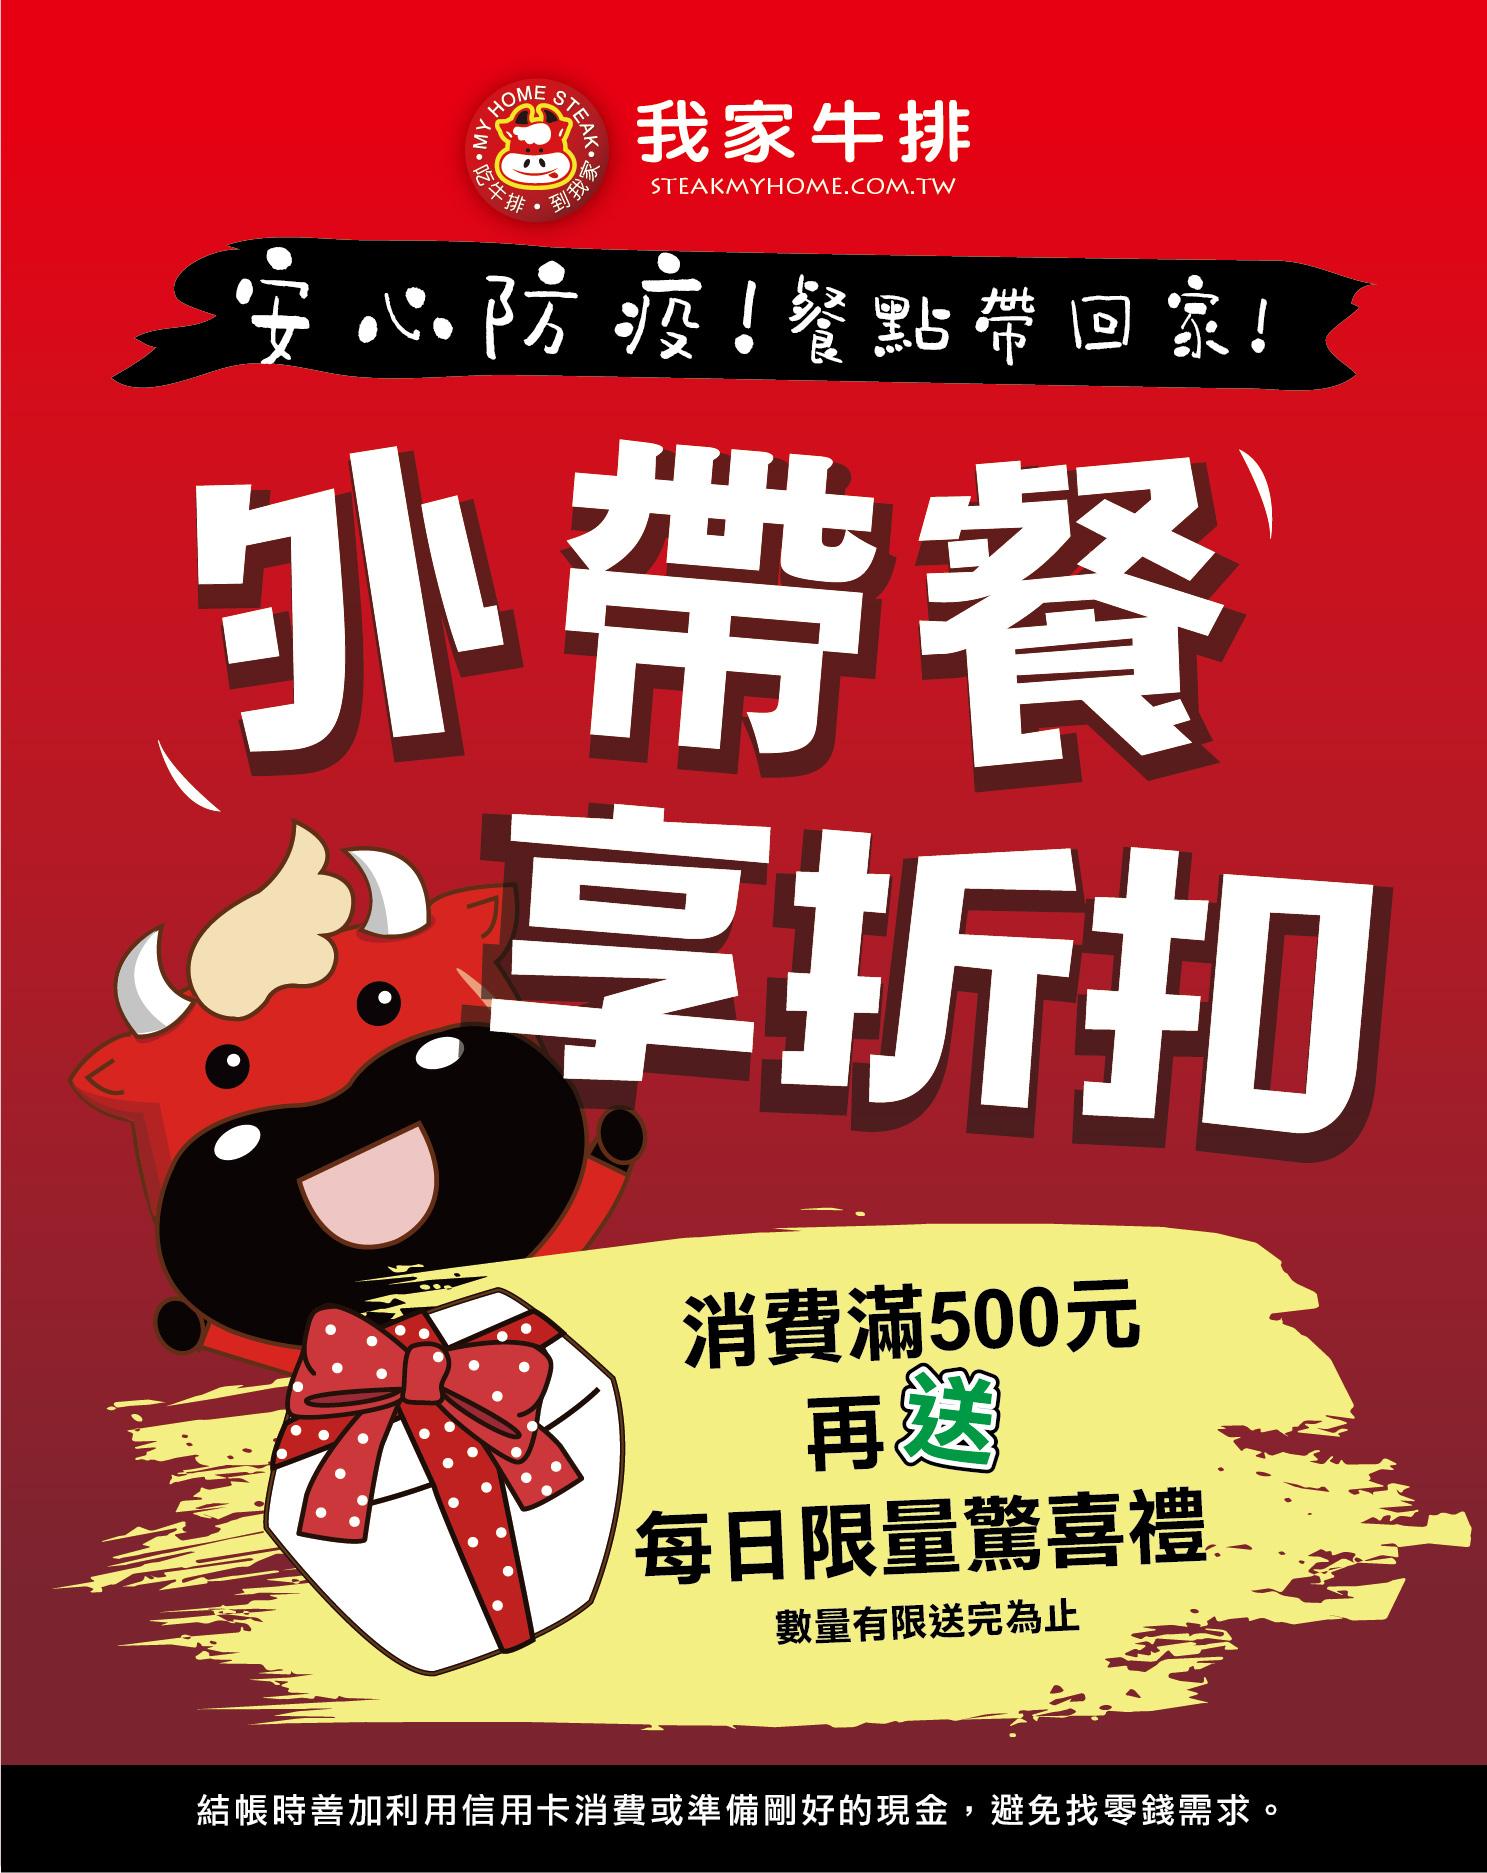 台北外帶美食 優惠餐廳總整理 防疫期間外帶優惠總整理! 連鎖品牌外帶優惠懶人包 69